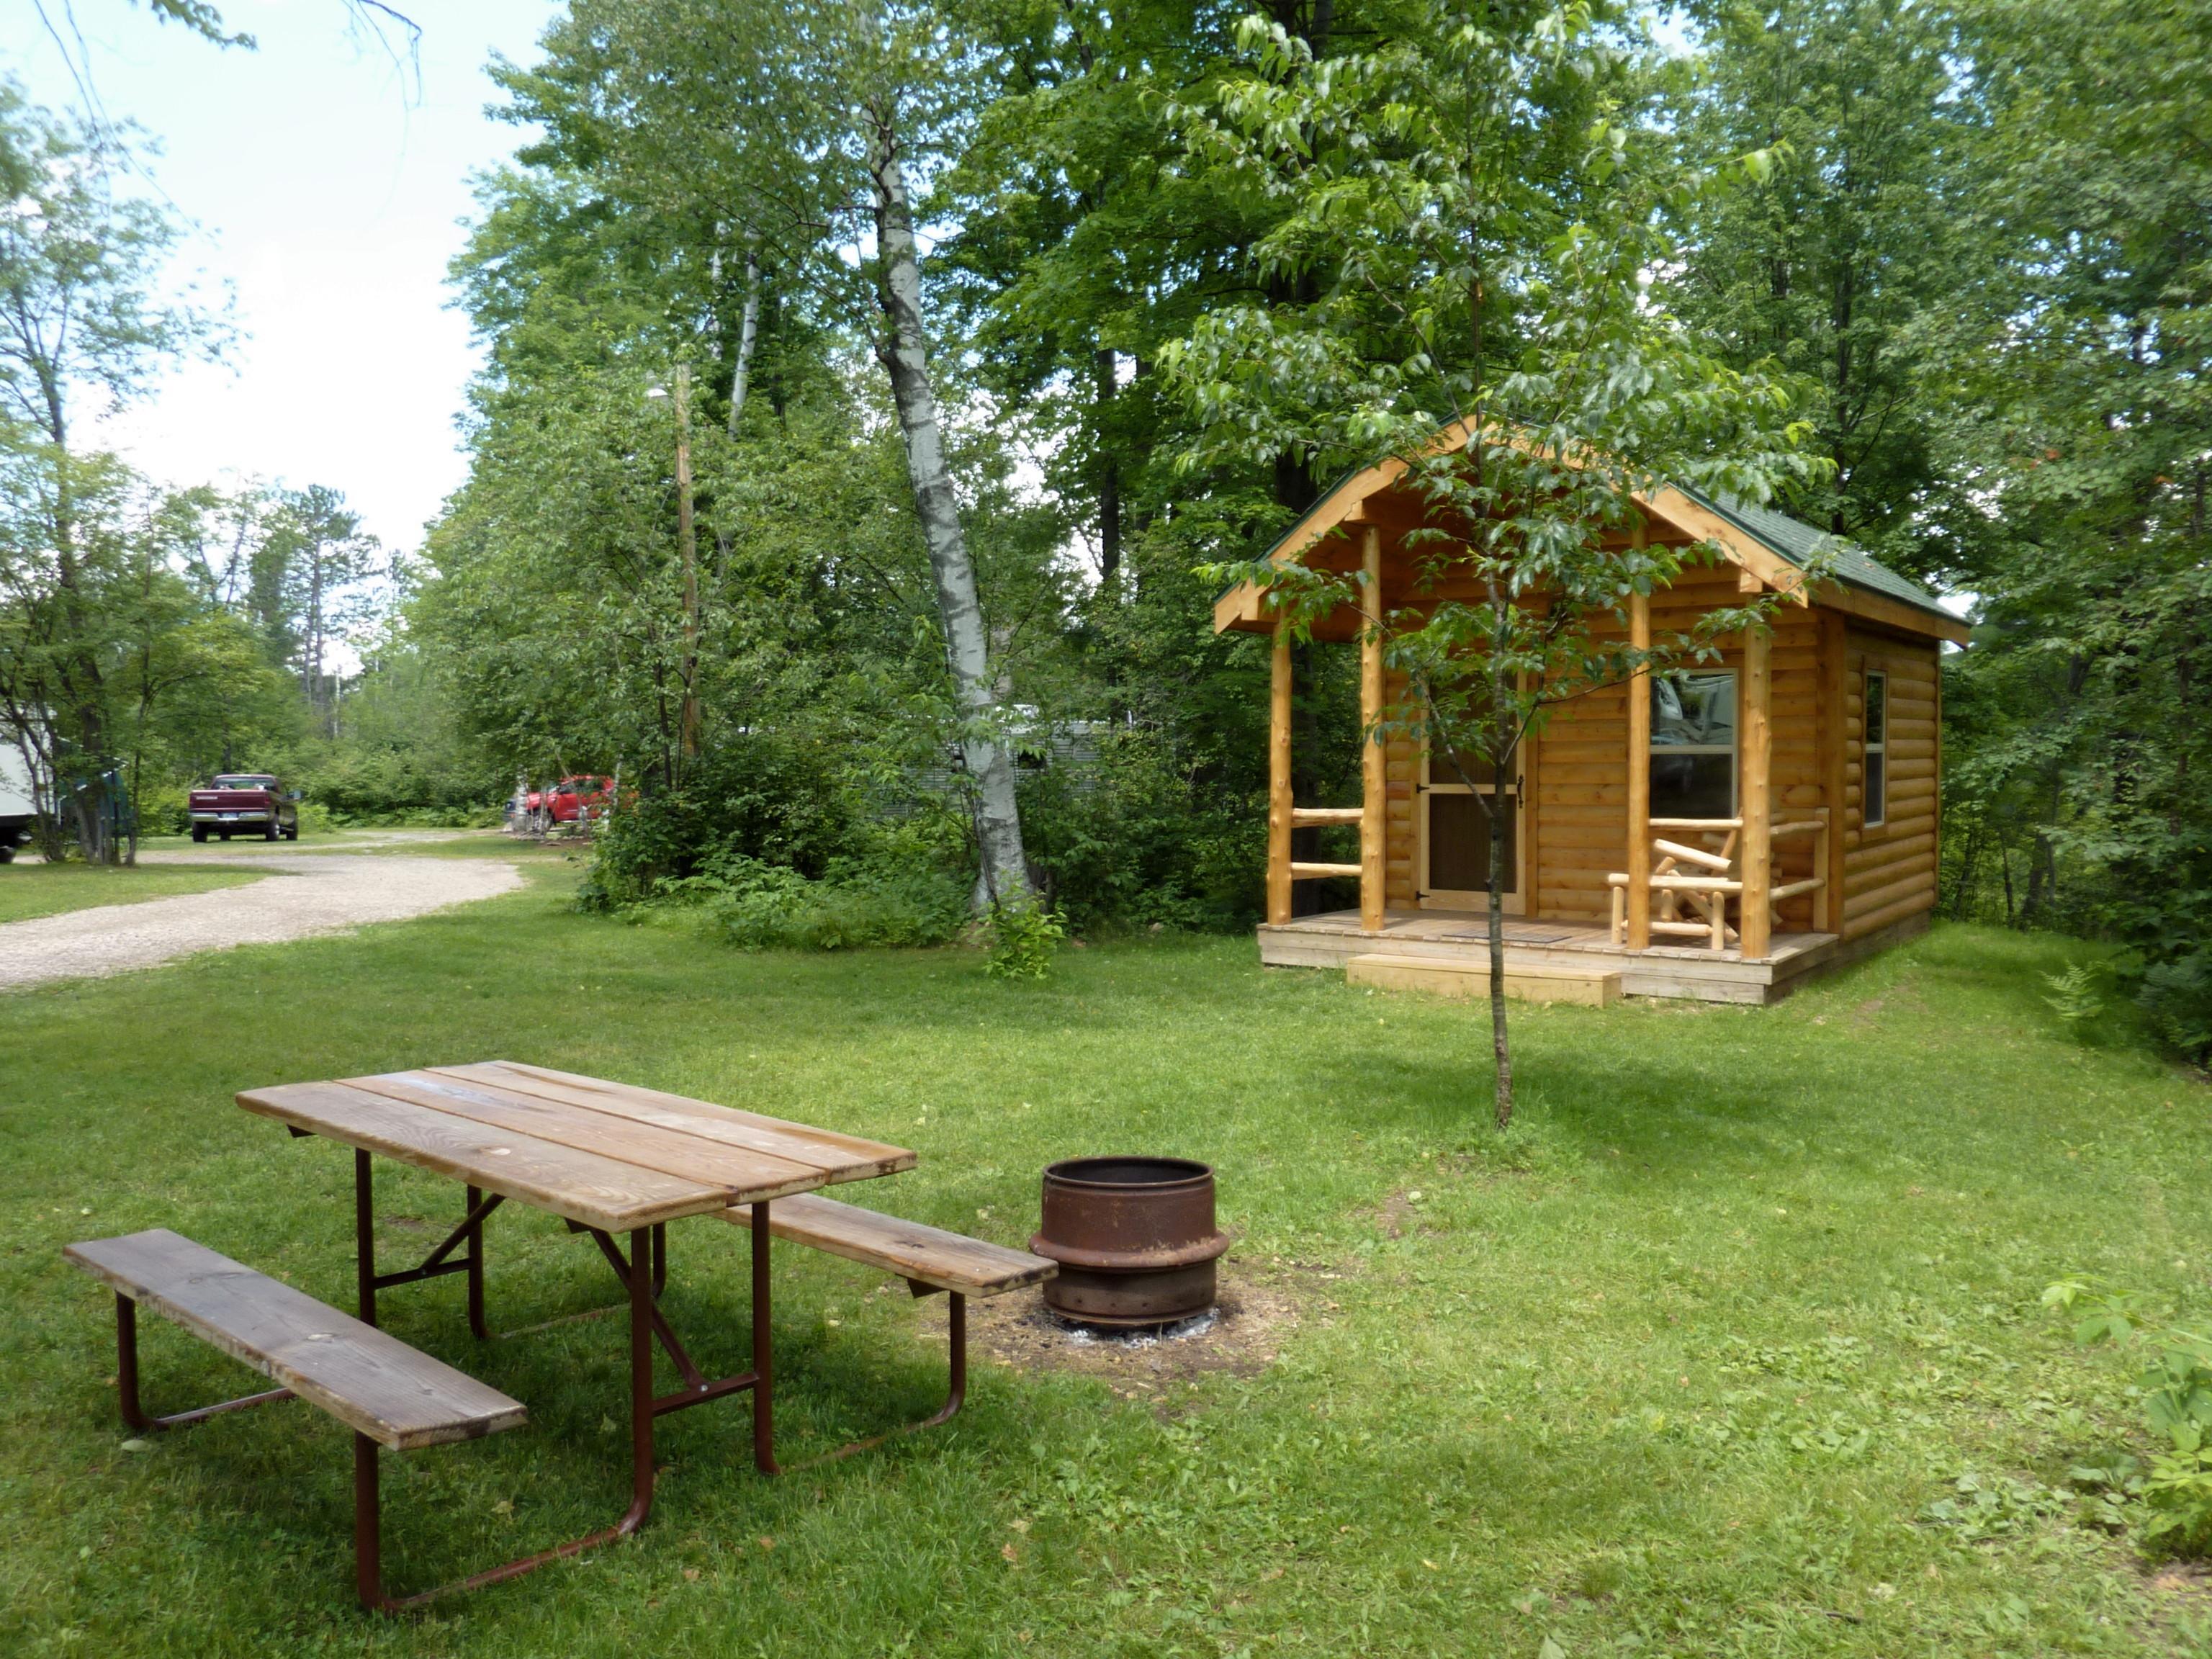 Summer Breeze Campground - Iron Mountain, MI » cabin